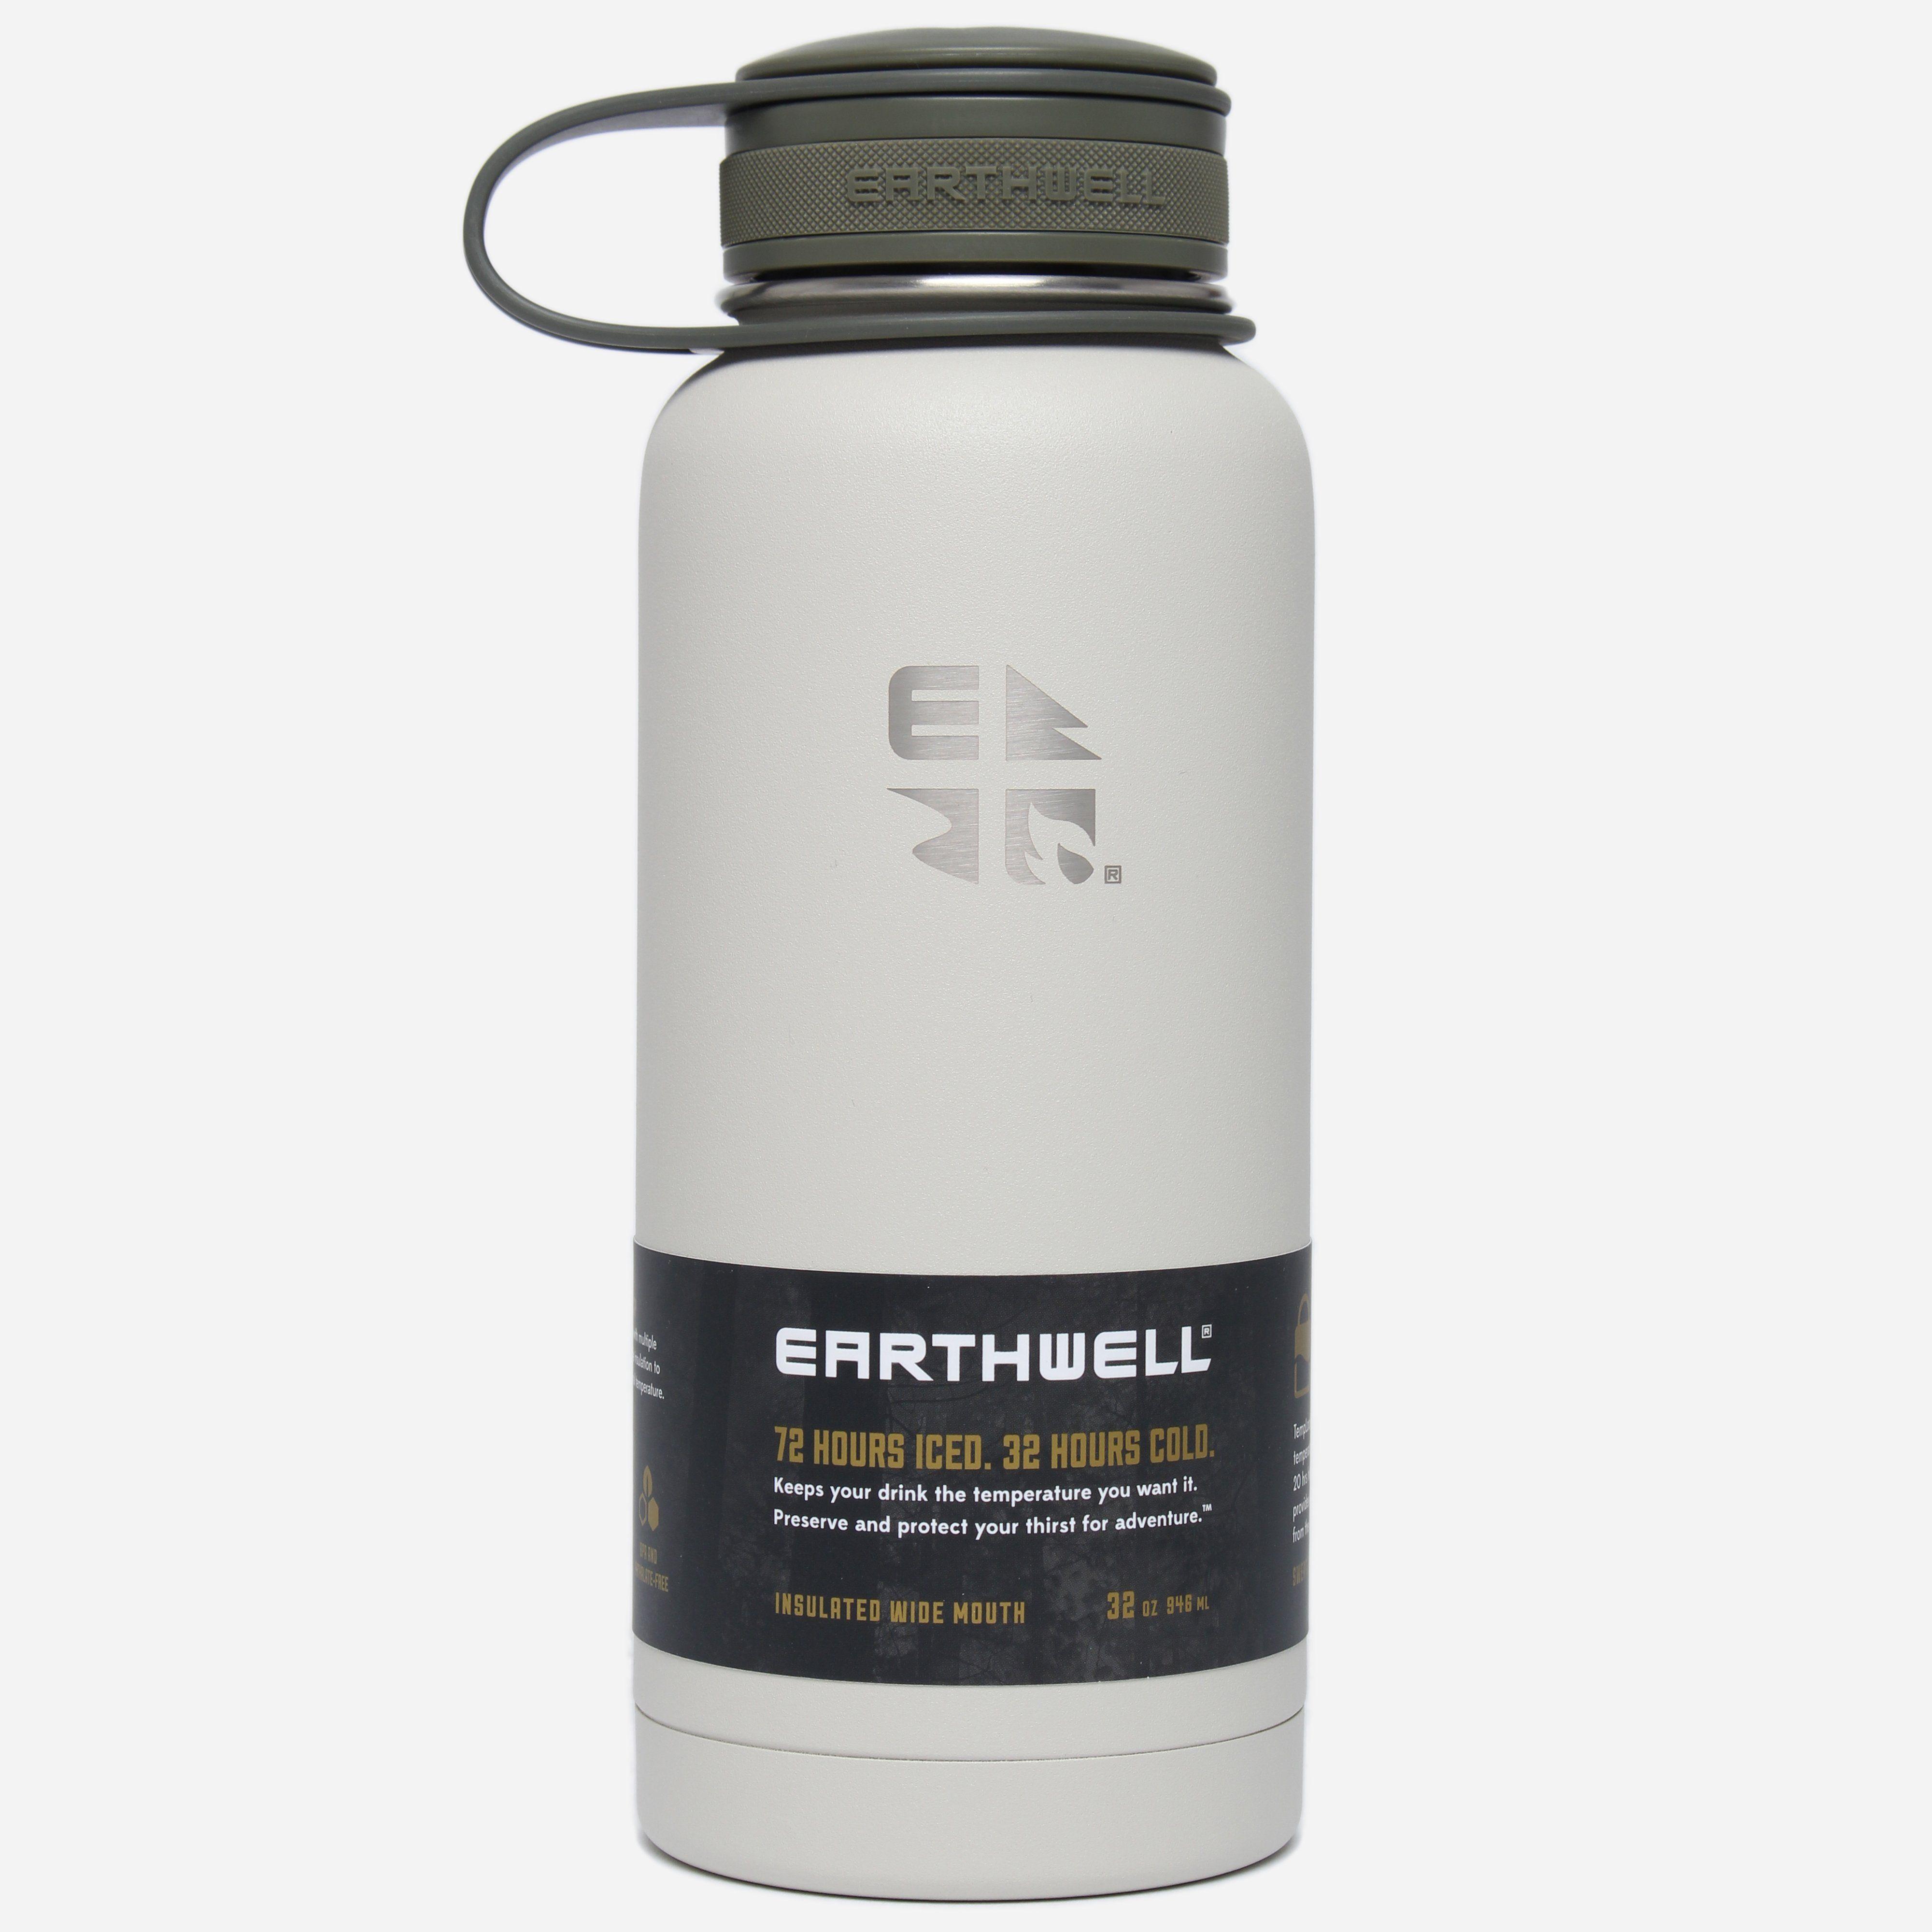 Earthwell Kewler Opener Vacuum Bottle 32oz